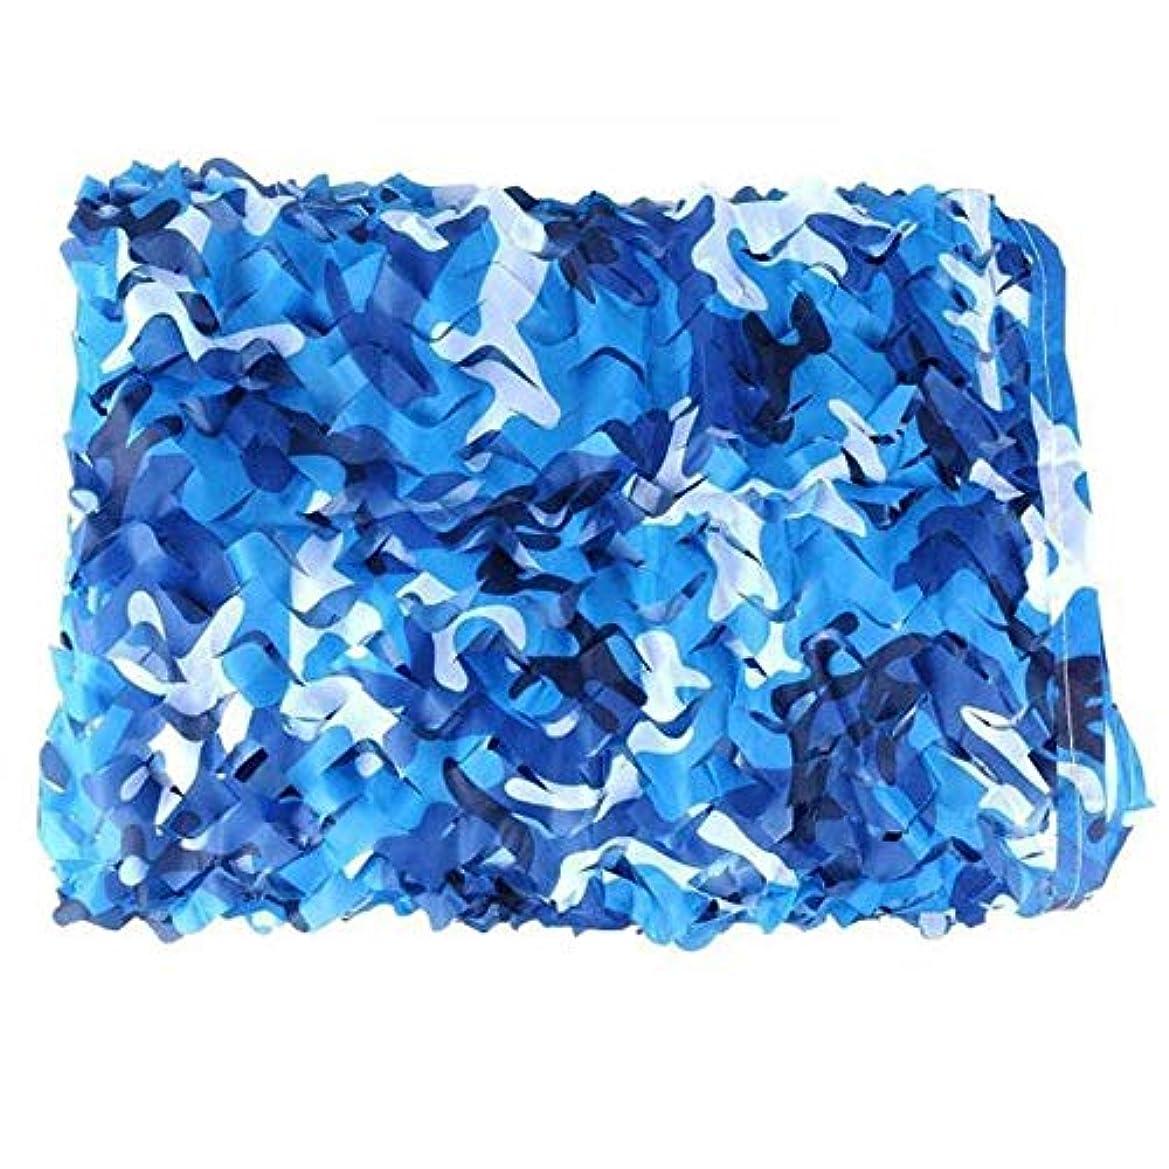 弱めるフラッシュのように素早く力学DGLIYJ ブルー迷彩ネット陸軍迷彩ネットカーカバーテントキャンプネット布ブラインド迷彩ネット (サイズ さいず : 7×7m)